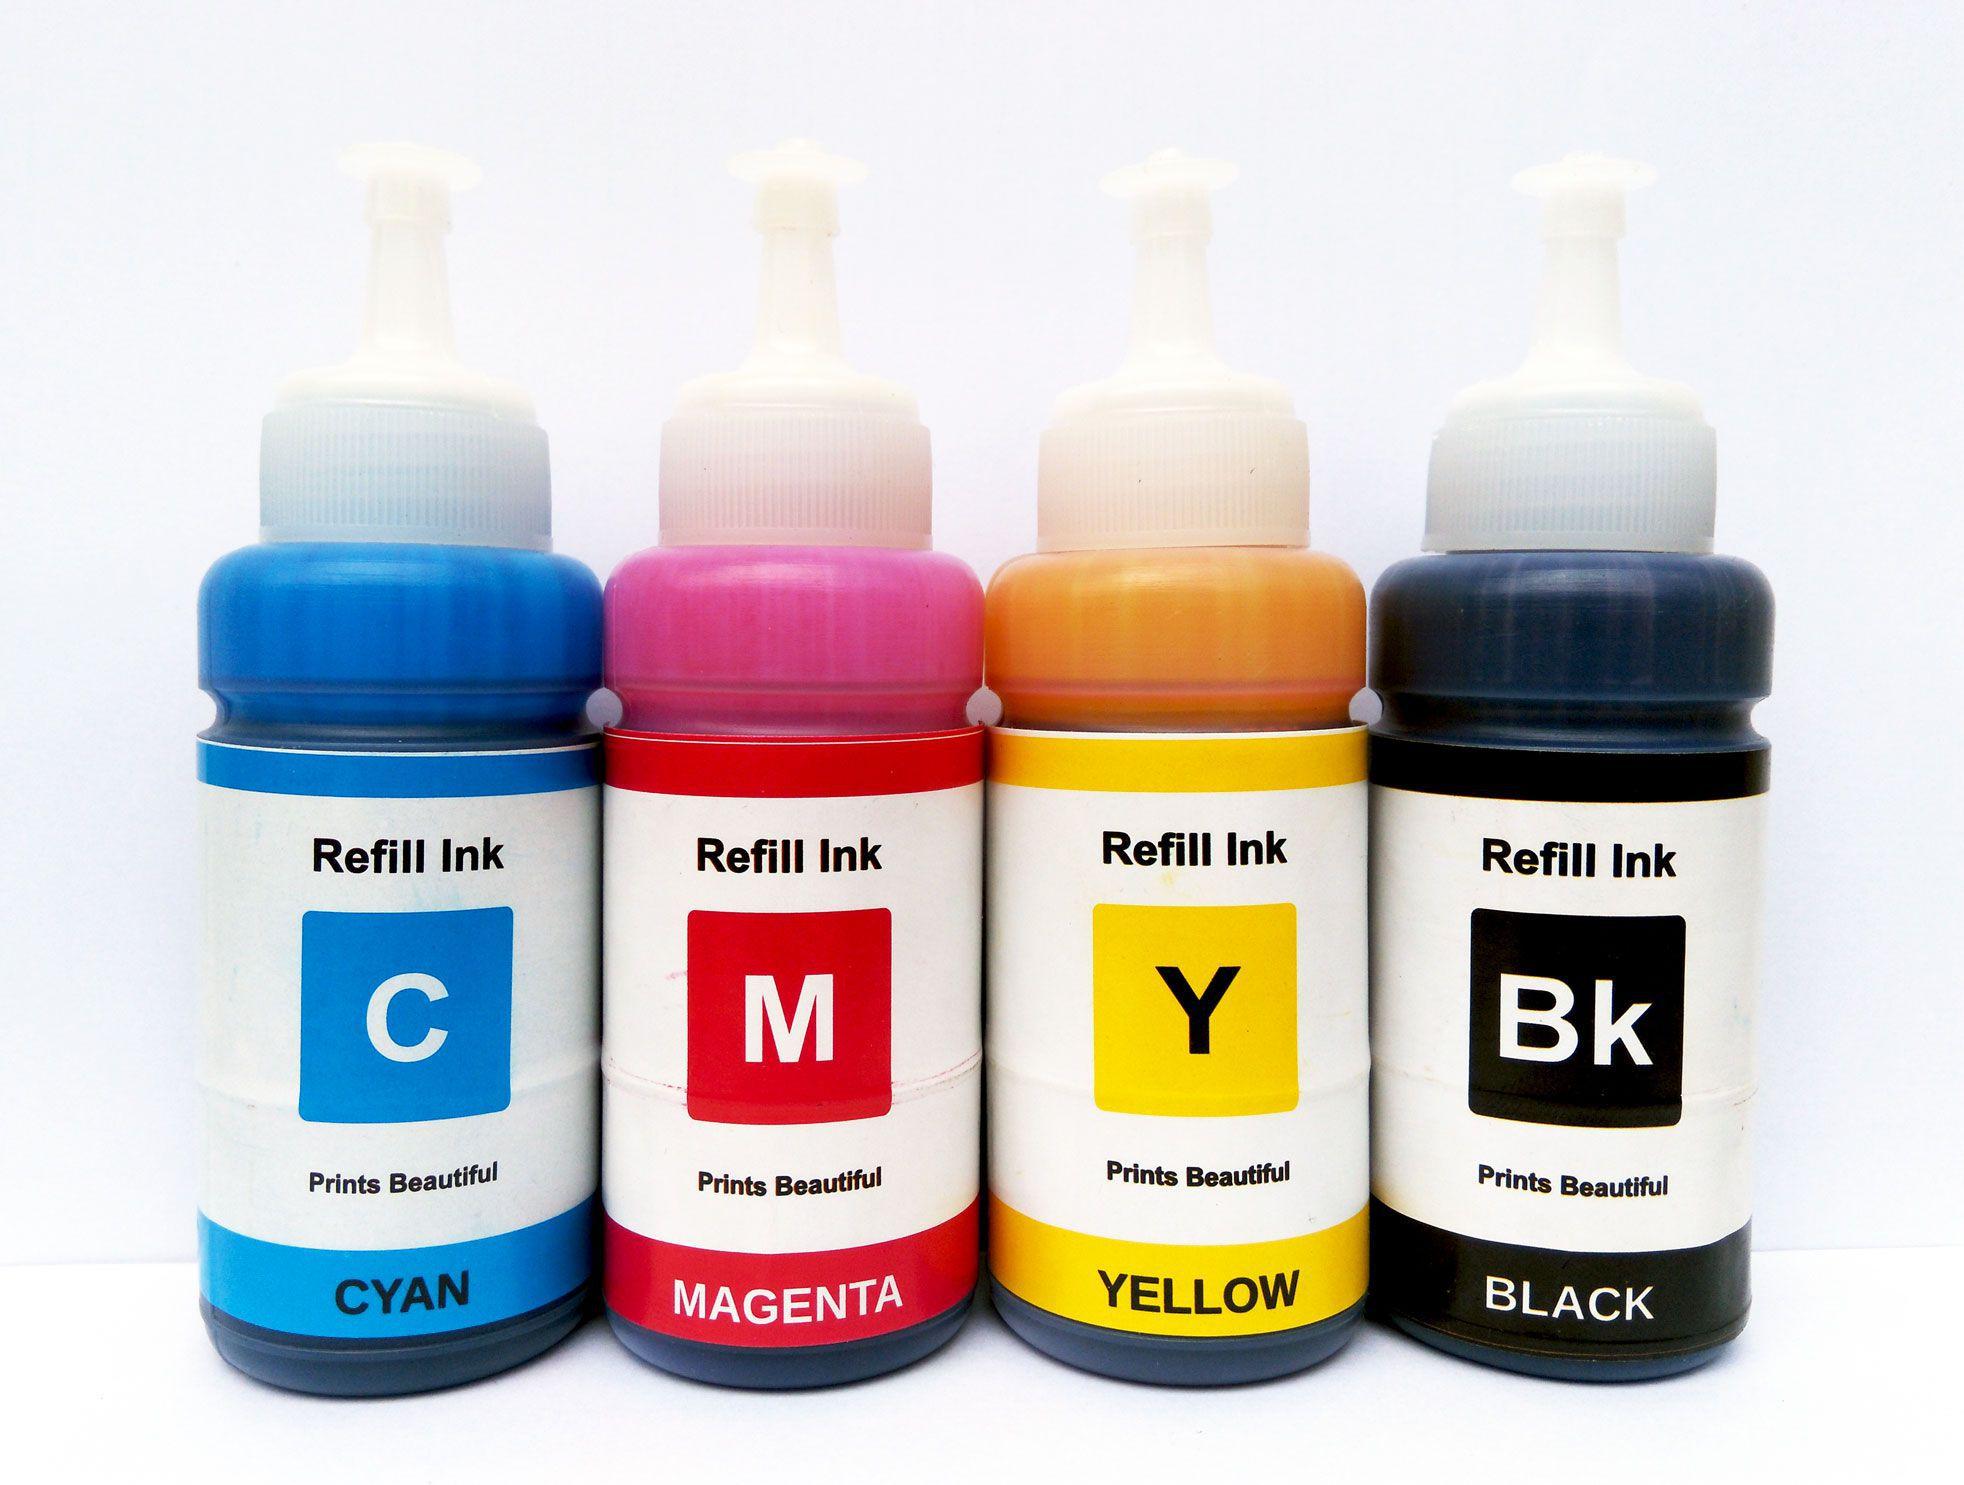 White Sky Epson L310 Refill Cmyk Combo Pack Ink Of 4 Buy Printer